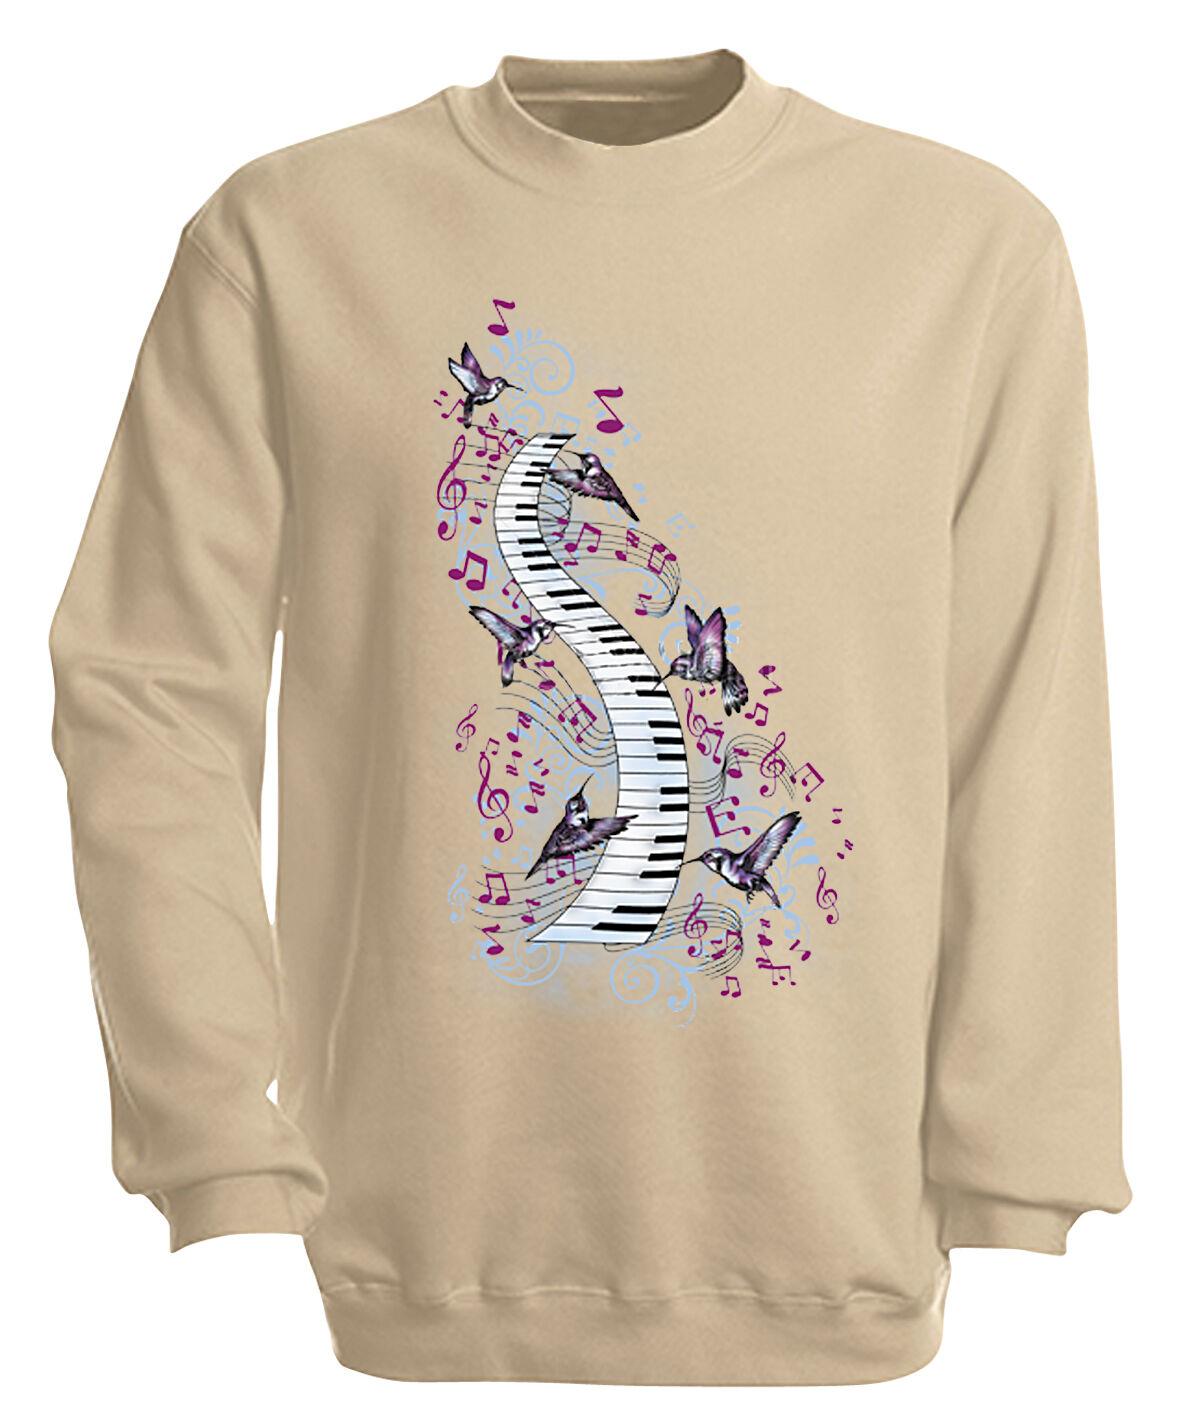 (09018-1 sand) Sweatshirt S M L XL XXL 3XL 4XL 4XL 4XL Musik Shirts - KLAVIER TASTEN 43729d